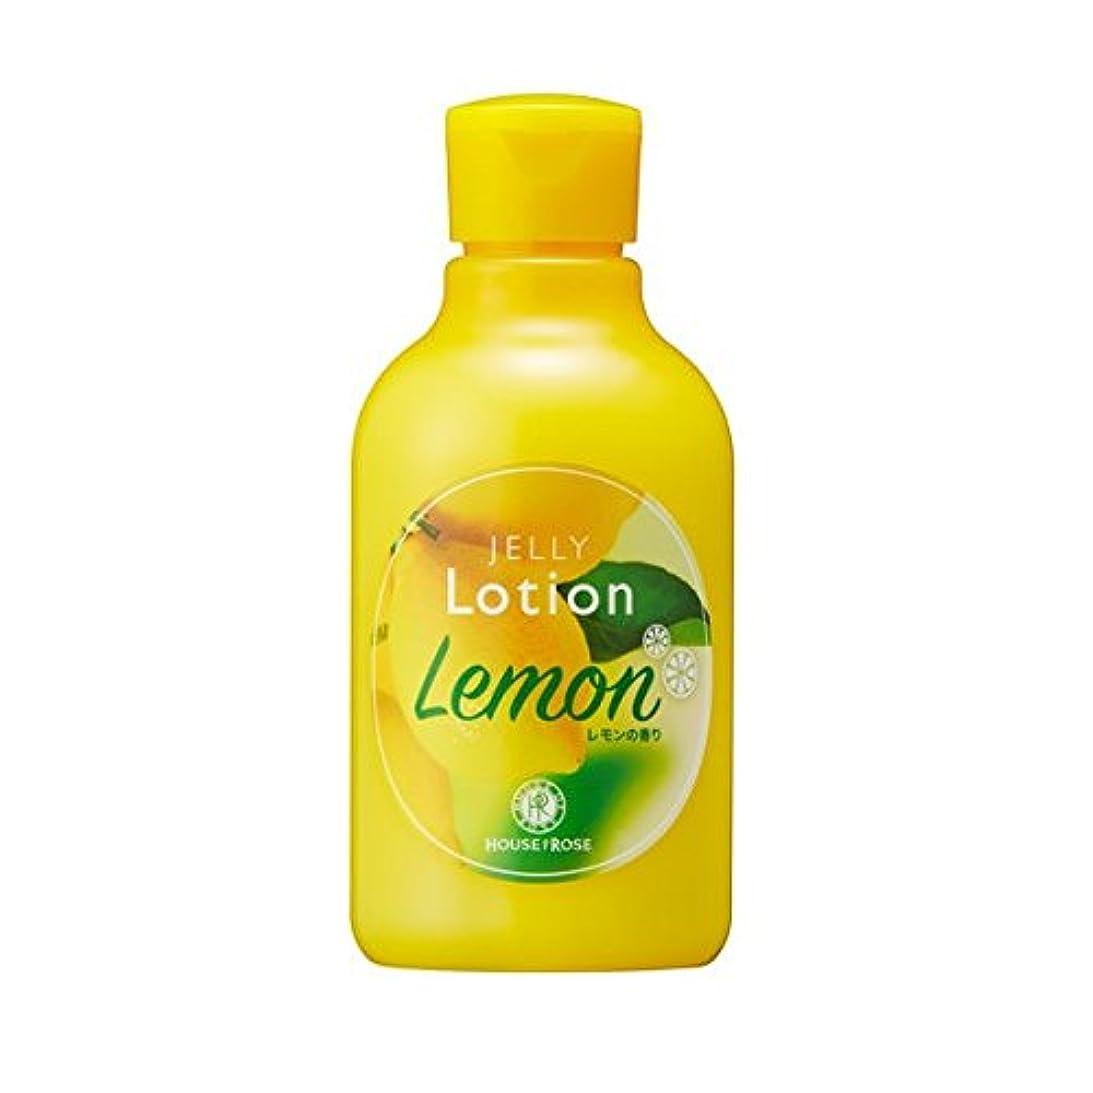 食料品店回転させる疫病HOUSE OF ROSE(ハウスオブローゼ) ハウスオブローゼ/ジェリーローション LM(レモンの香り)200mL